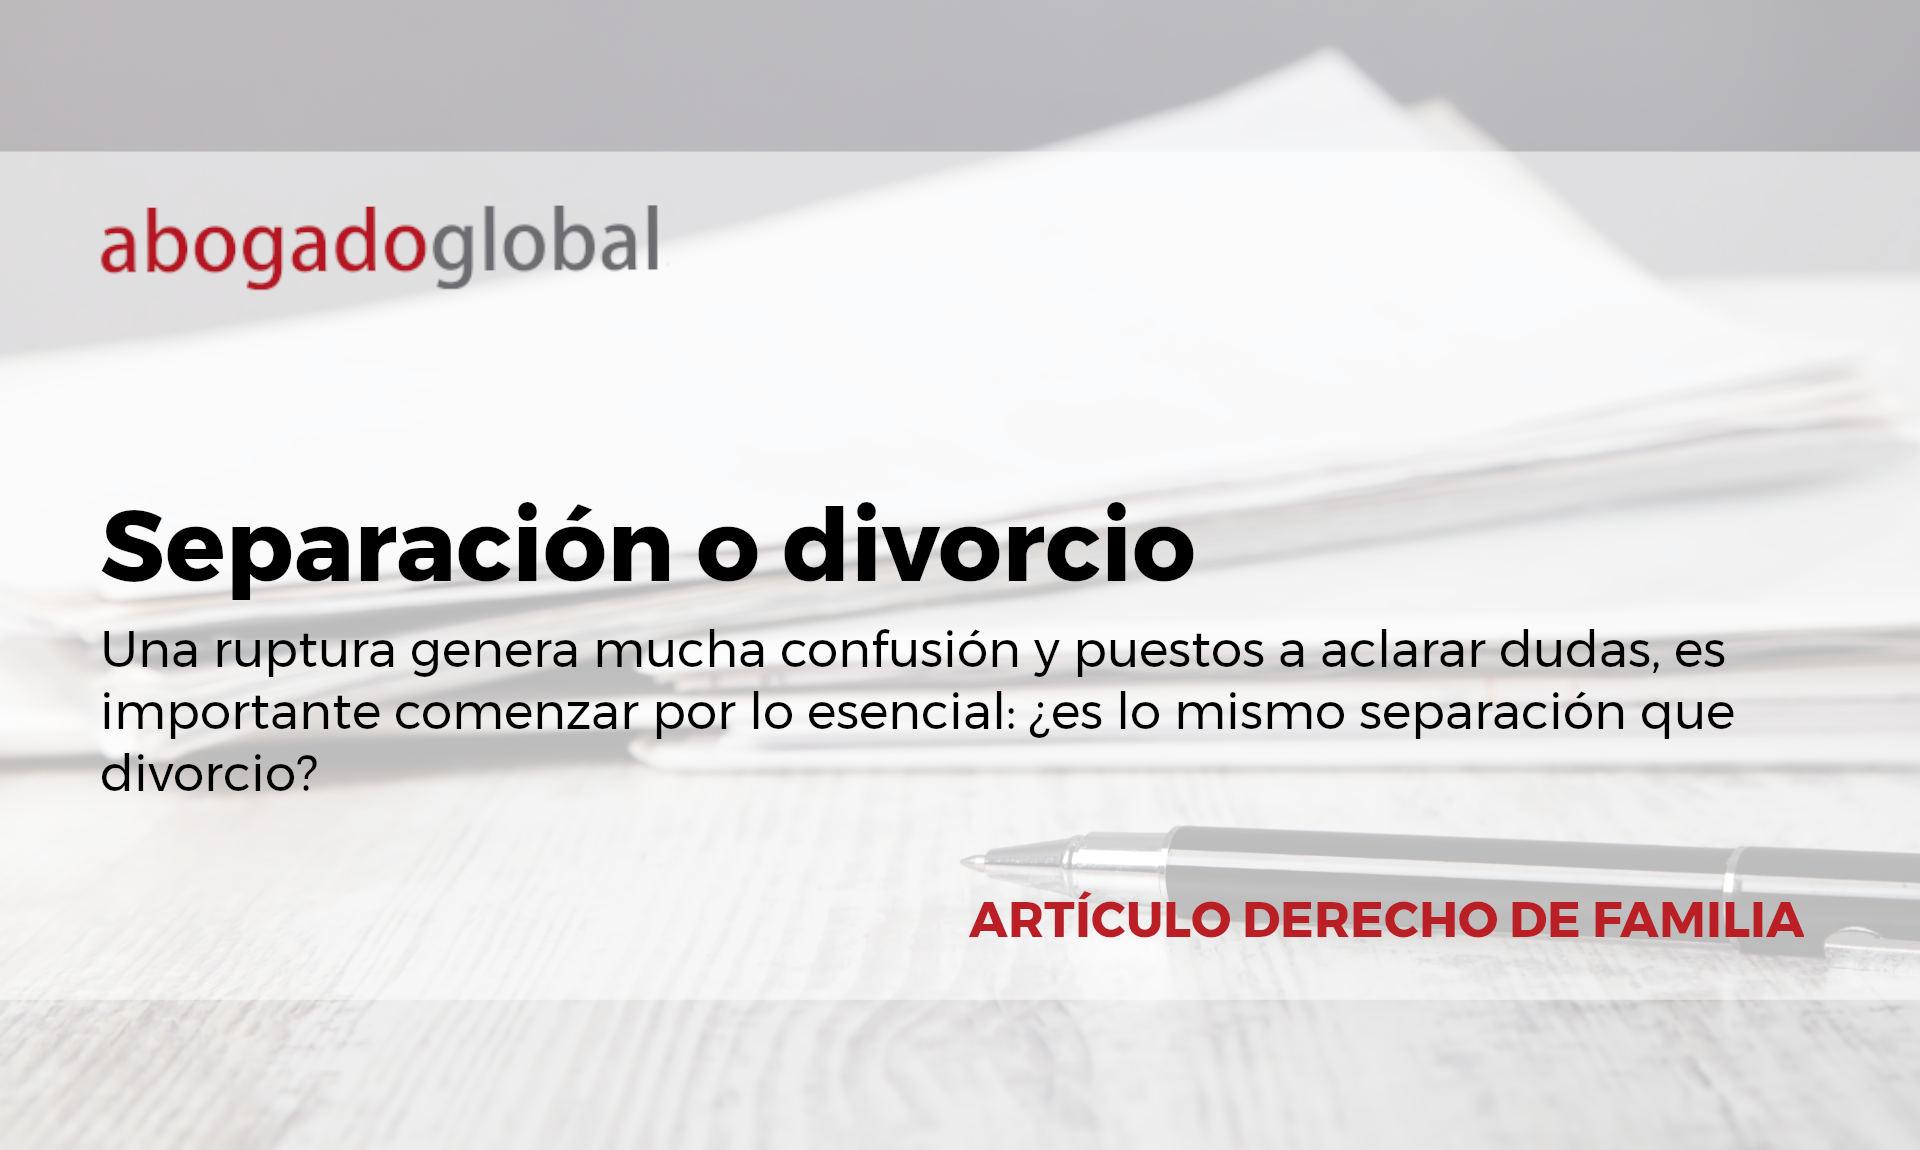 separación o divorcio_Abogado Global